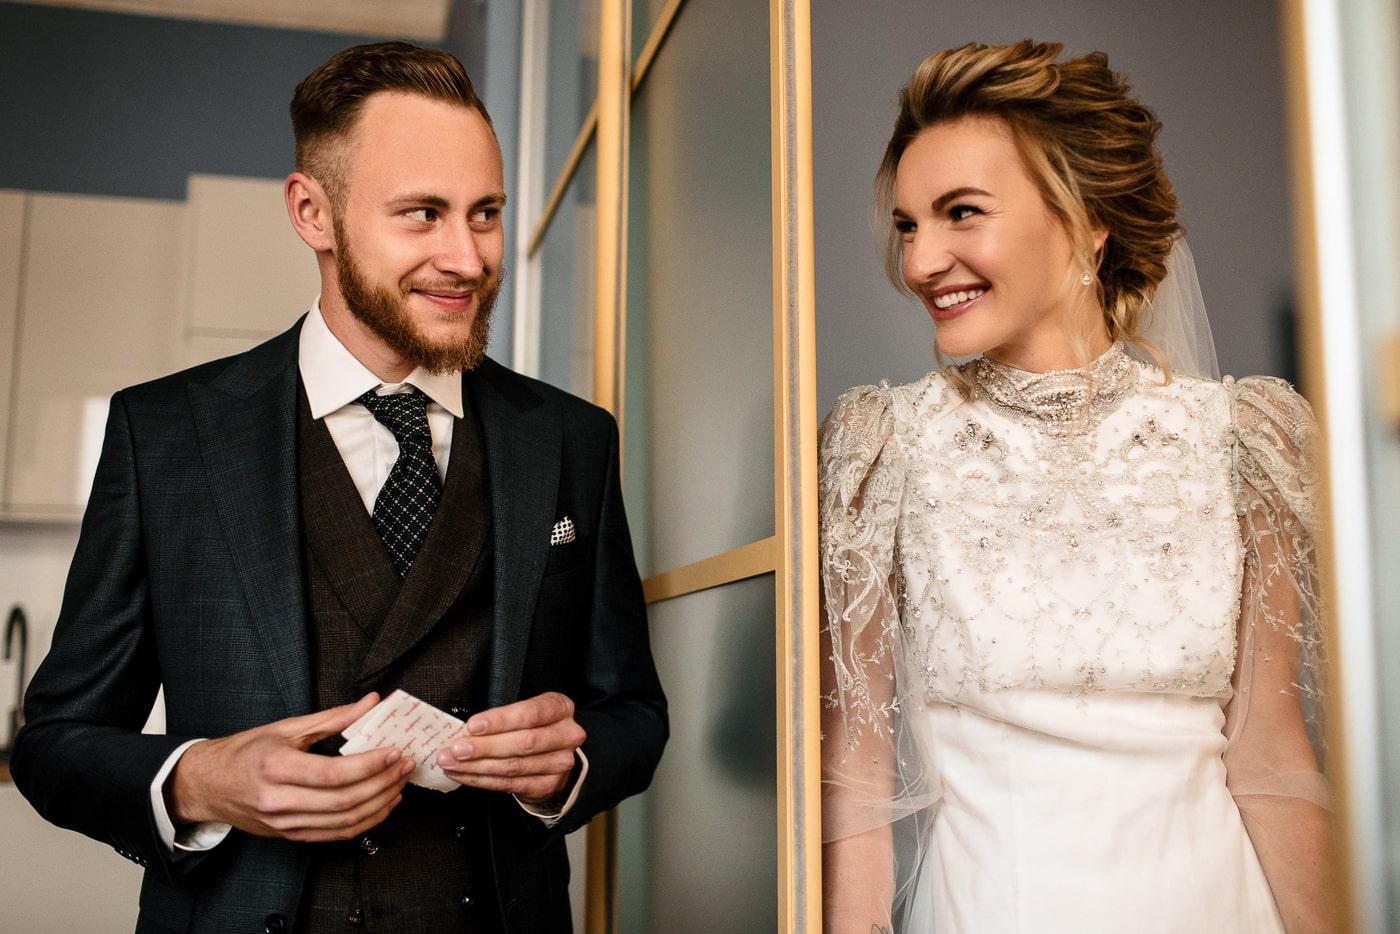 kak-organizovat-svadbu-11-24-min